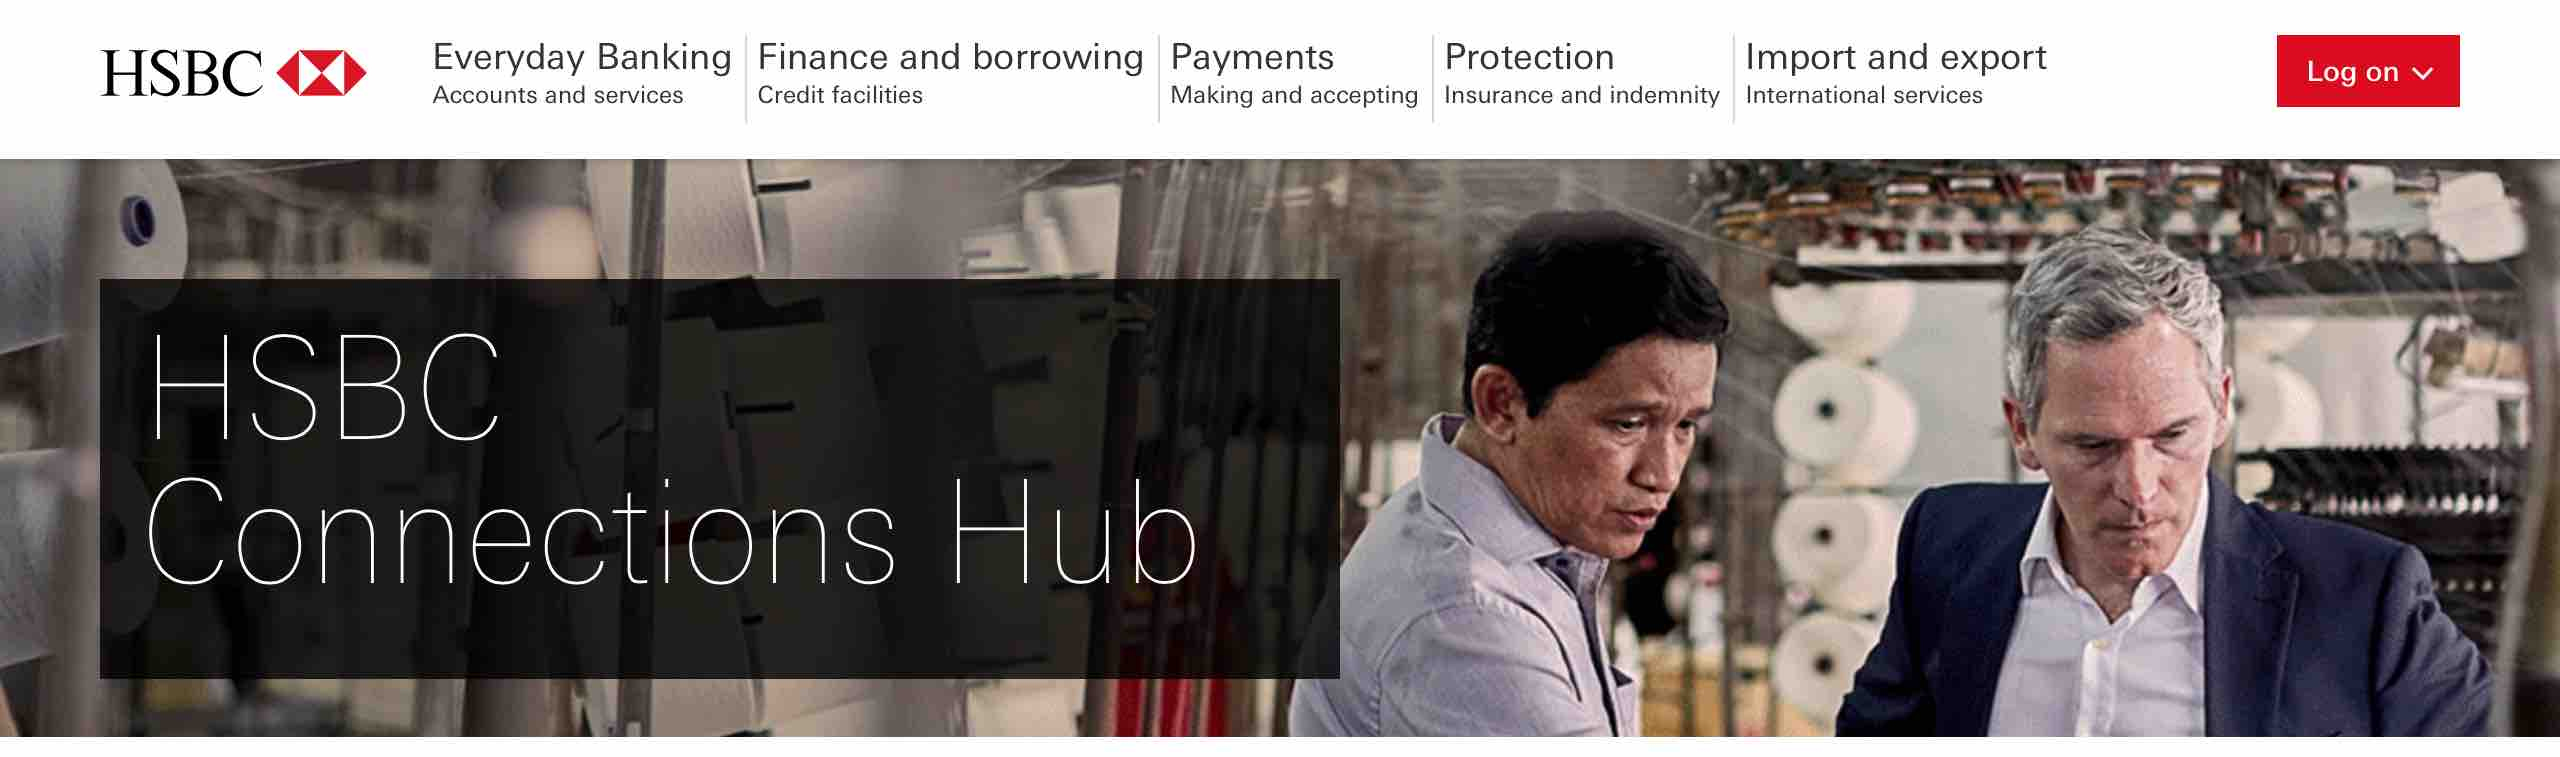 PSD2 HSBC digitális banki piactér